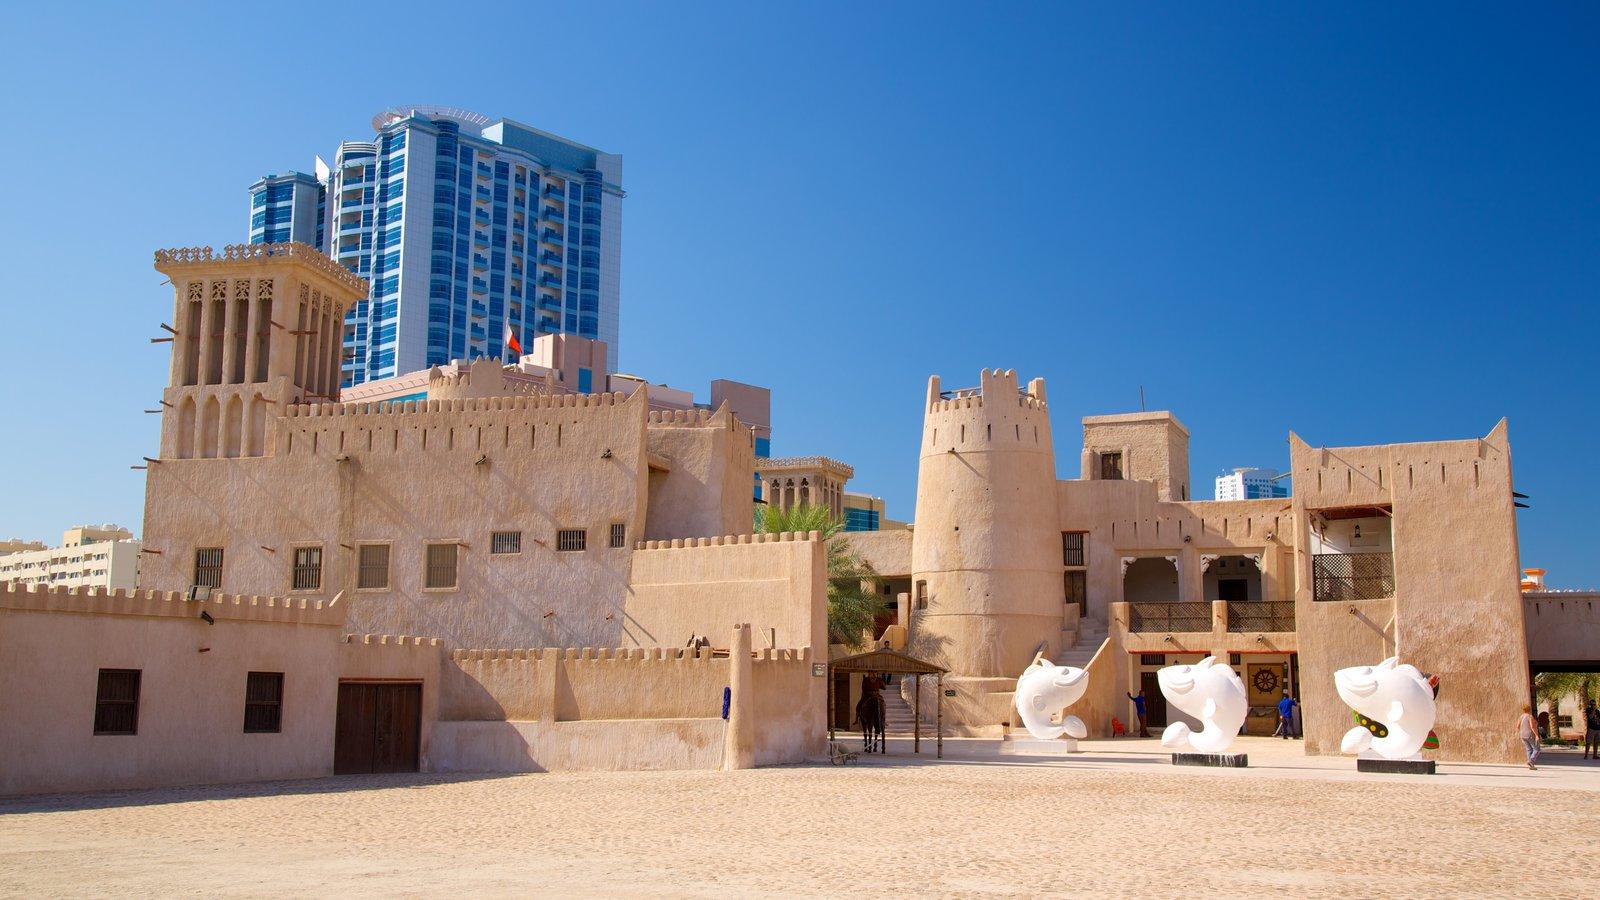 Ajman mostrando uma cidade, elementos de patrimônio e arquitetura de patrimônio